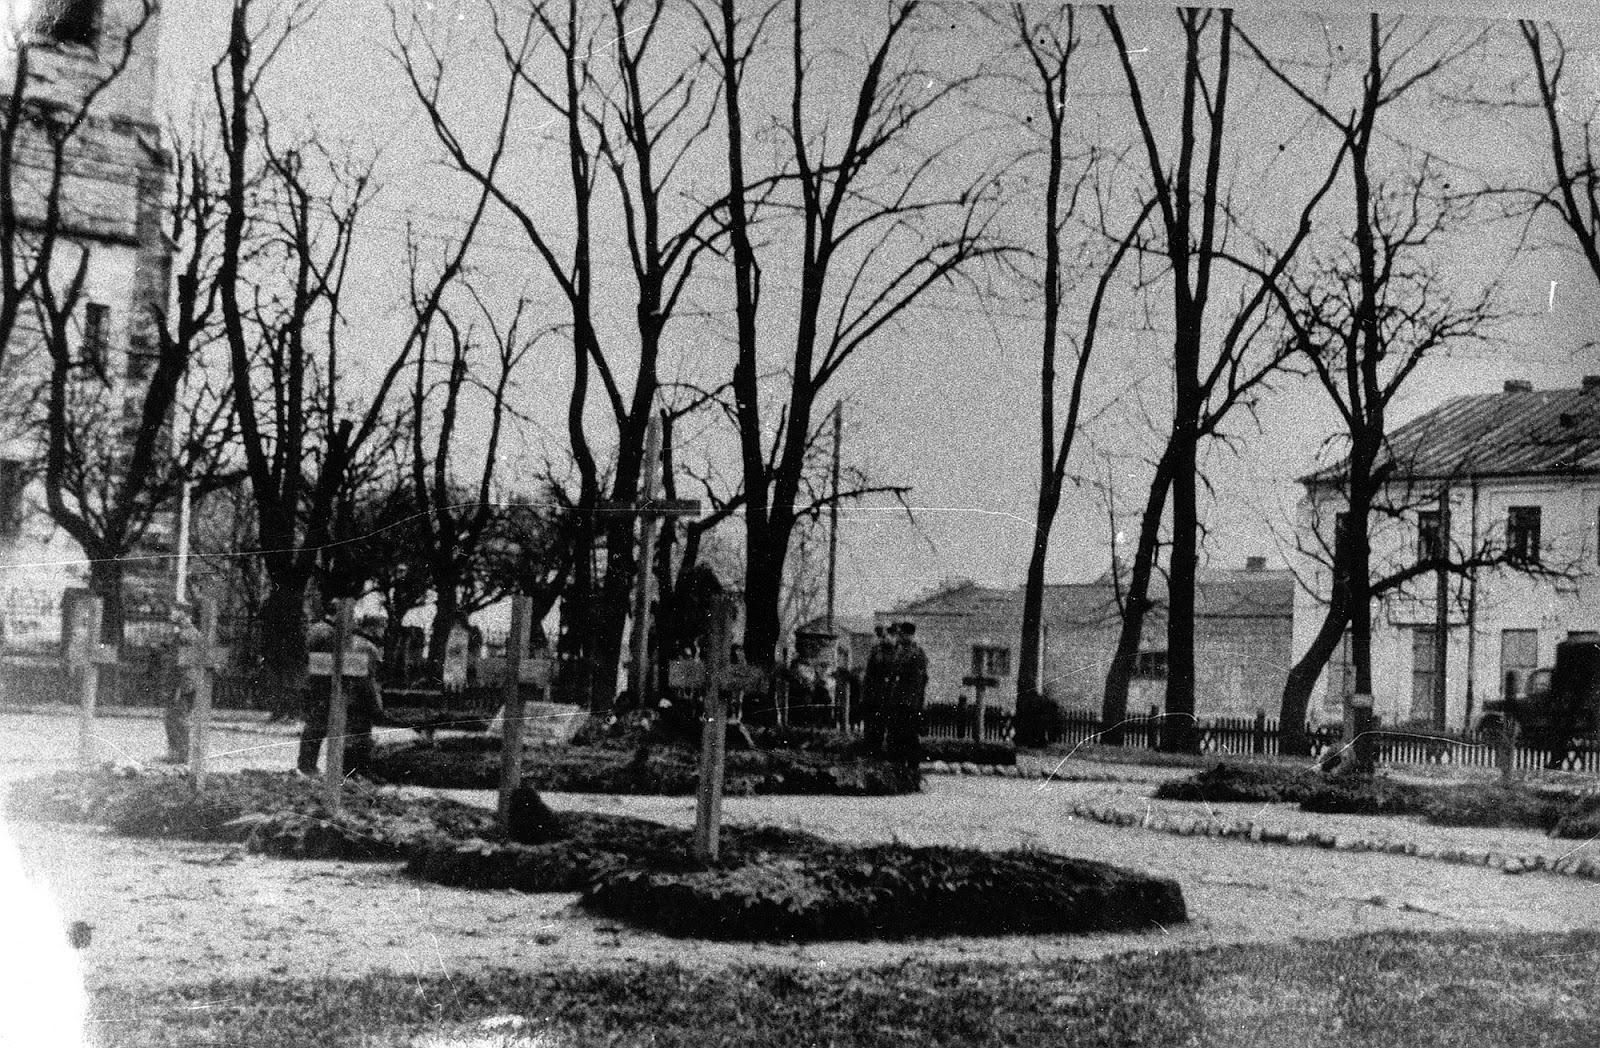 Widok na Ehrenfriedhof Konskie. W centralnej części zdjęcia widoczny drewniany krzyż ze znajdującą się pod nim tablicą kamienną poświęconą 3 żandarmom polowym poległym dnia 20.9.1939 roku koło Piotrowego Pola. Zdjęcie wykonane zapewne jesienią 1940 roku. Skan fotografii udostępnił Ryszard Cichoński.